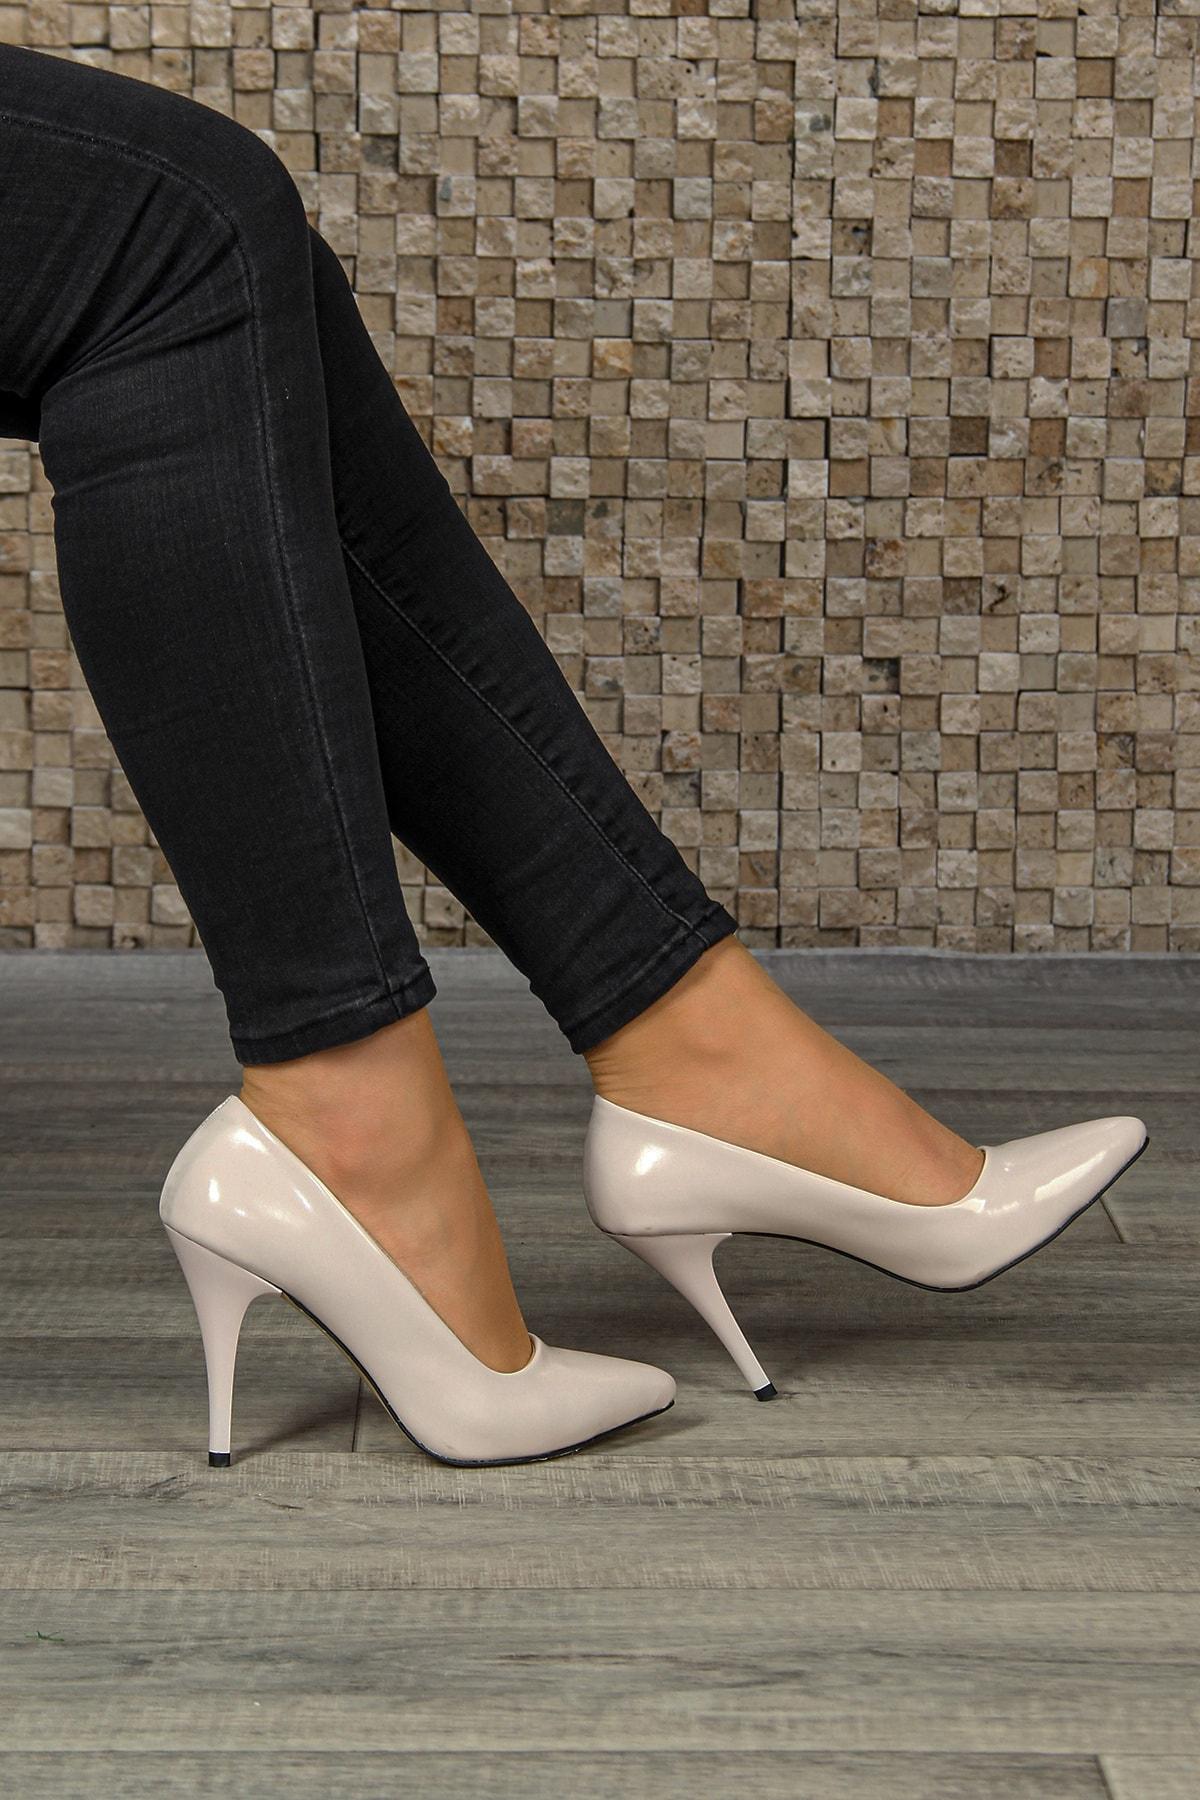 ZEYNELBOZ Kadın Siyah Rugan Topuklu Ayakkabı